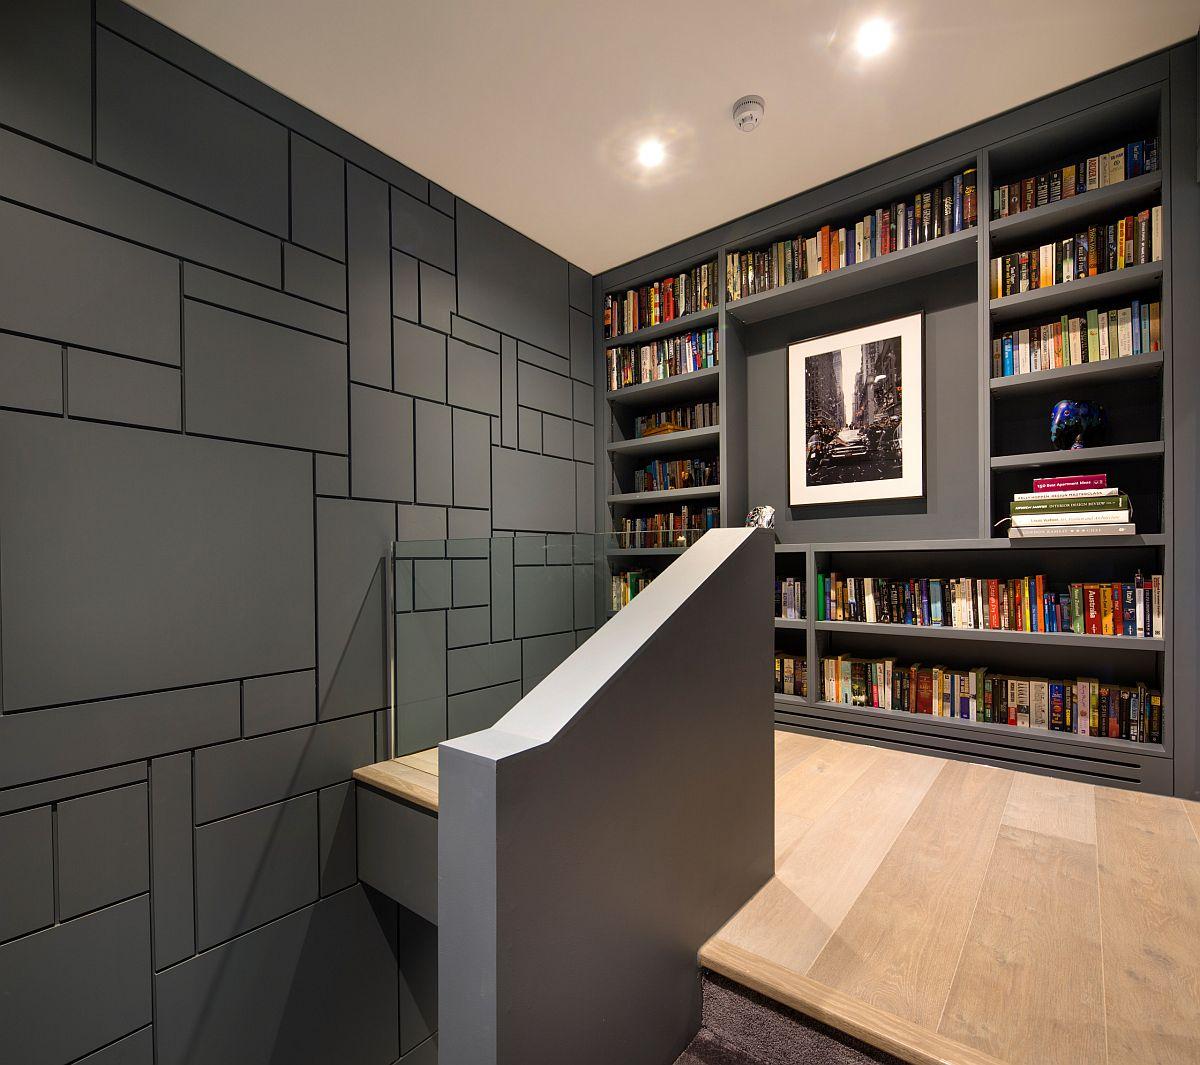 Những cách tận dụng hành lang, lối đi tạo sự tiện ích và sang trọng cho không gian - Ảnh 4.